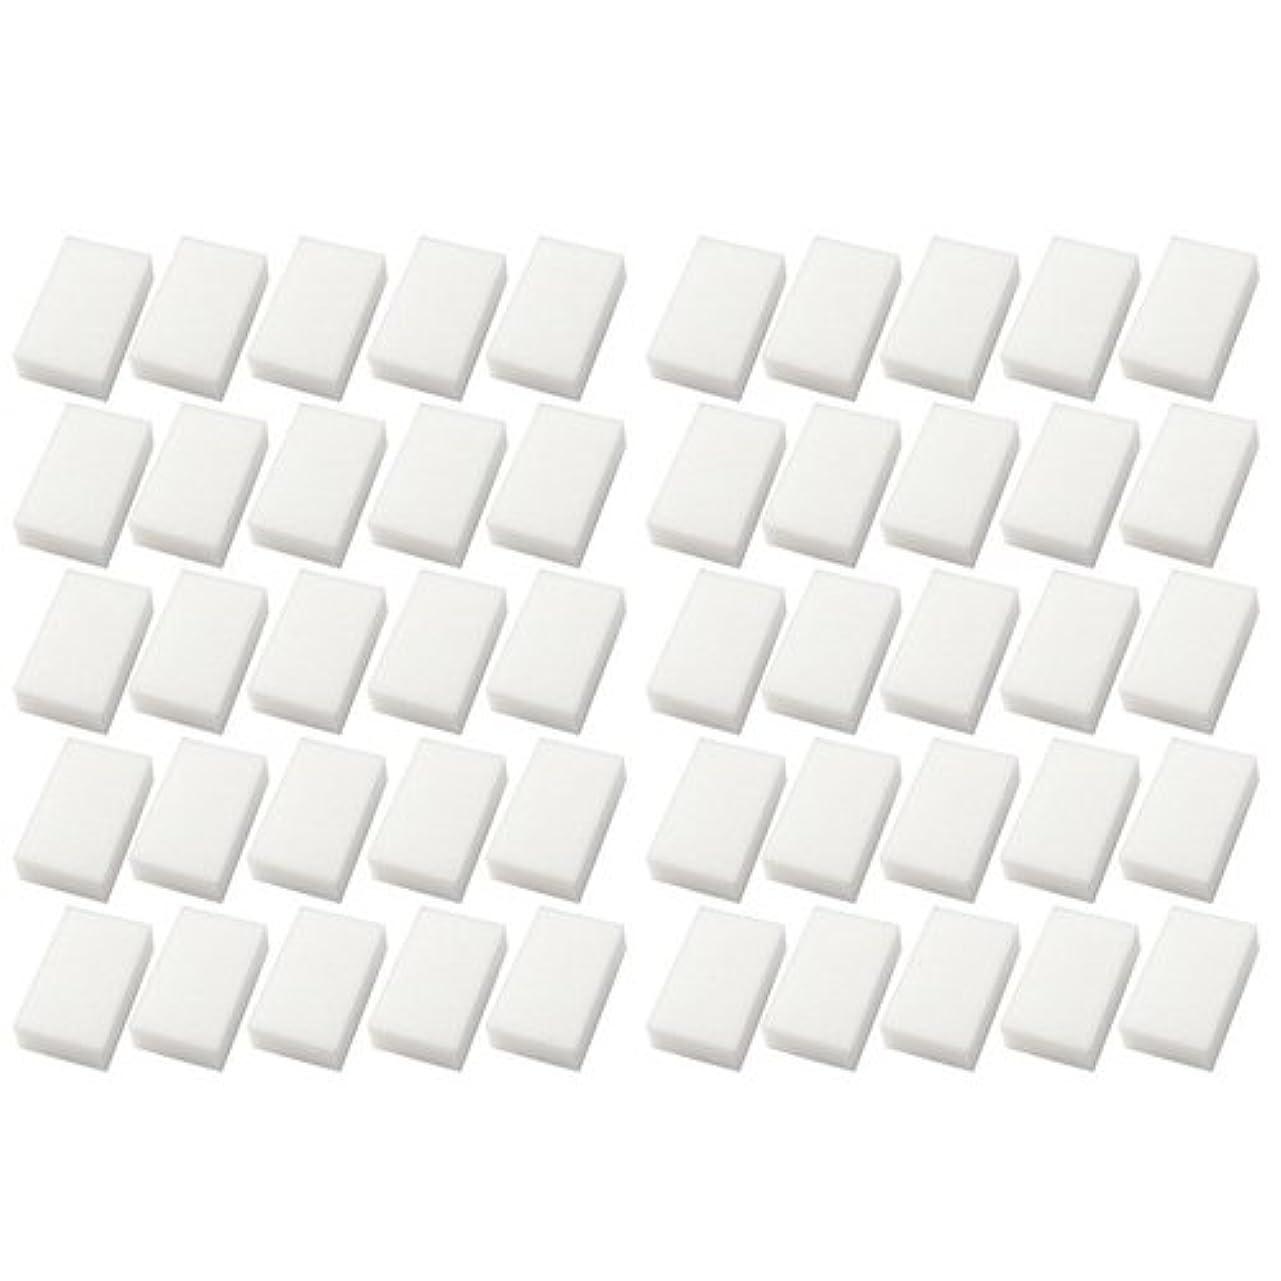 ホテルアメニティ 業務用 使い捨てスポンジ 圧縮ボディスポンジ 個包装タイプ 厚み 約25mm ×50個